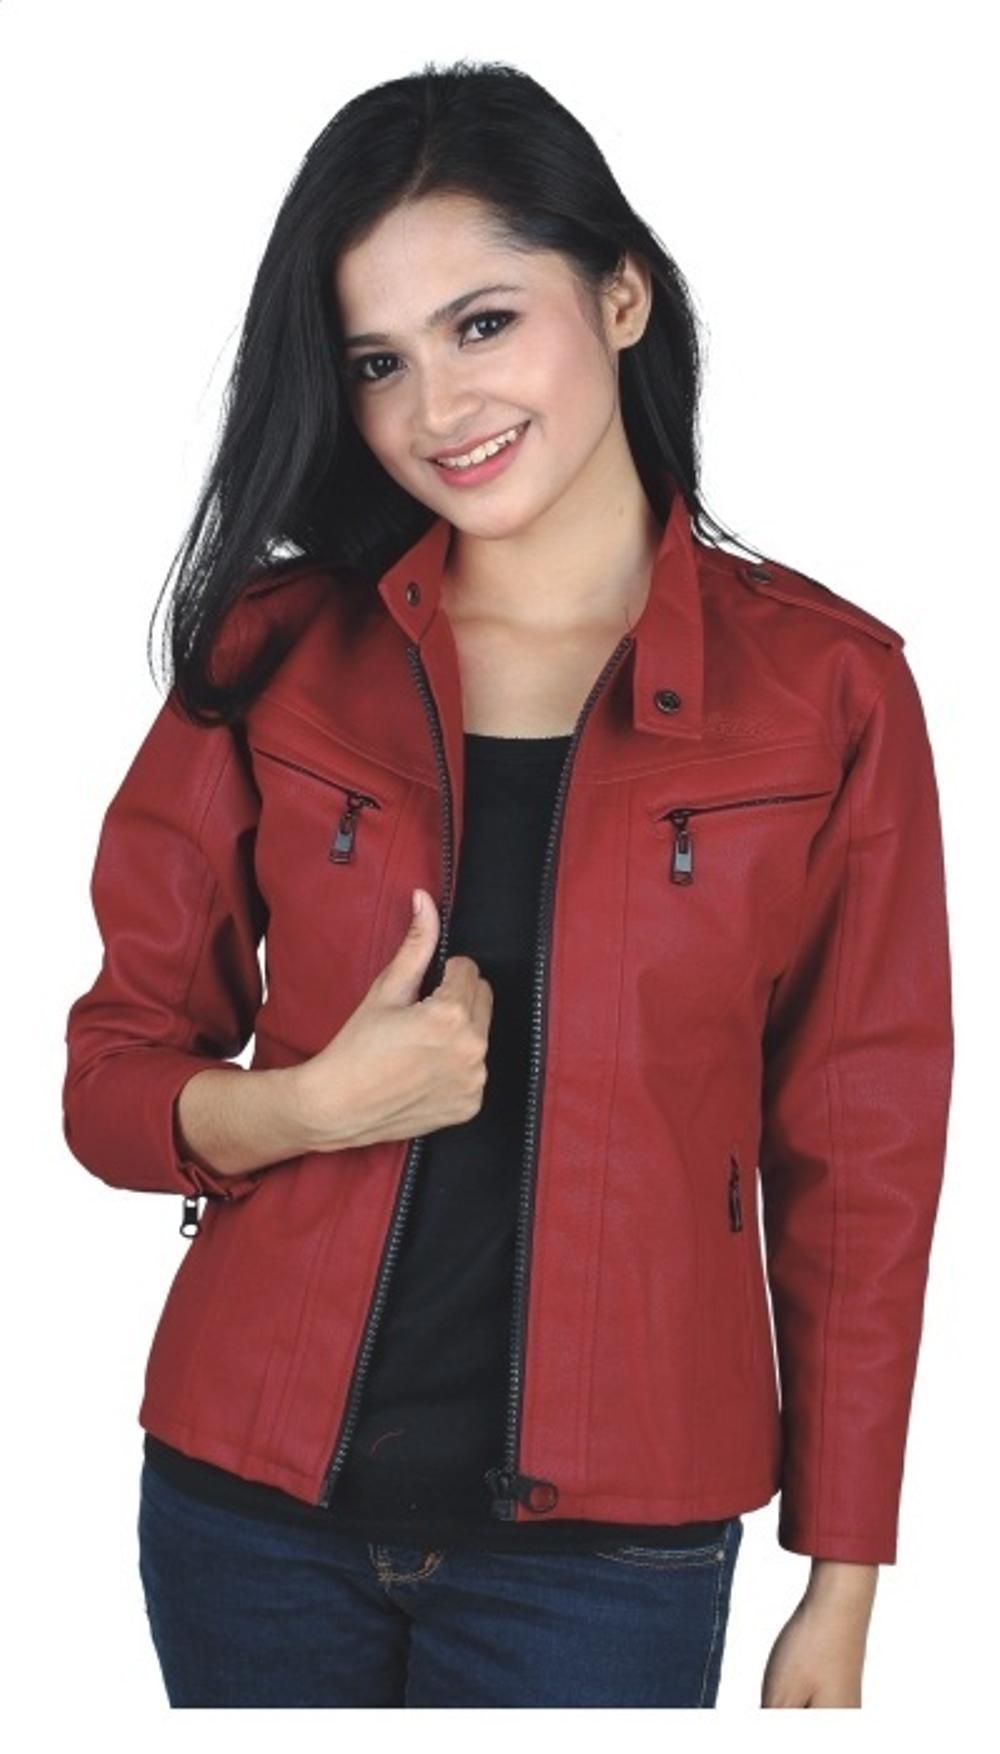 Promo jaket motor wanita /jaket sintetis cewek/jaket kulit/ jaket semi kulit/